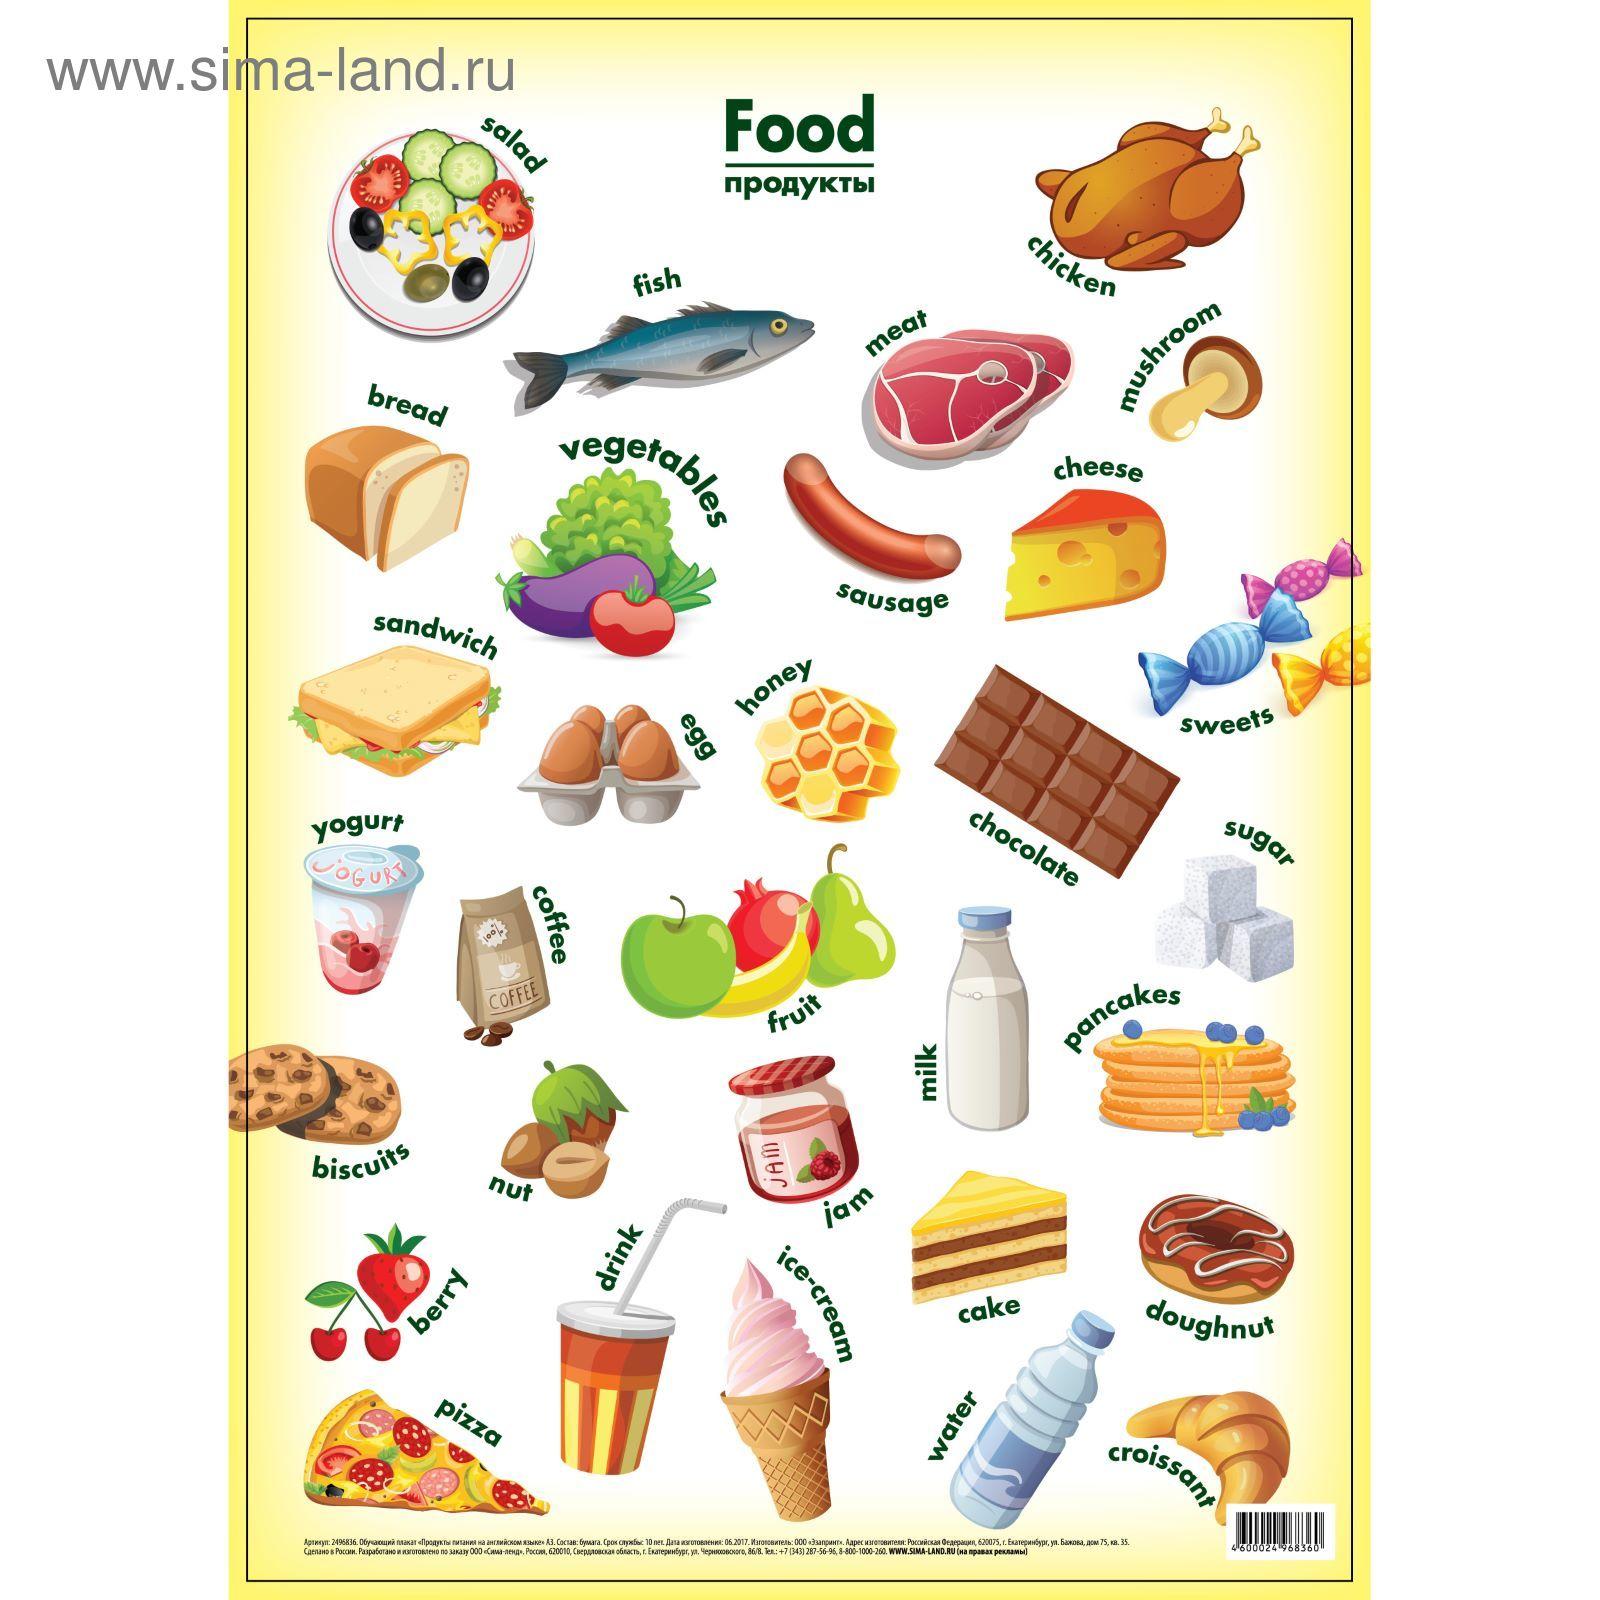 Открытки, картинка с едой и надпись по-английский